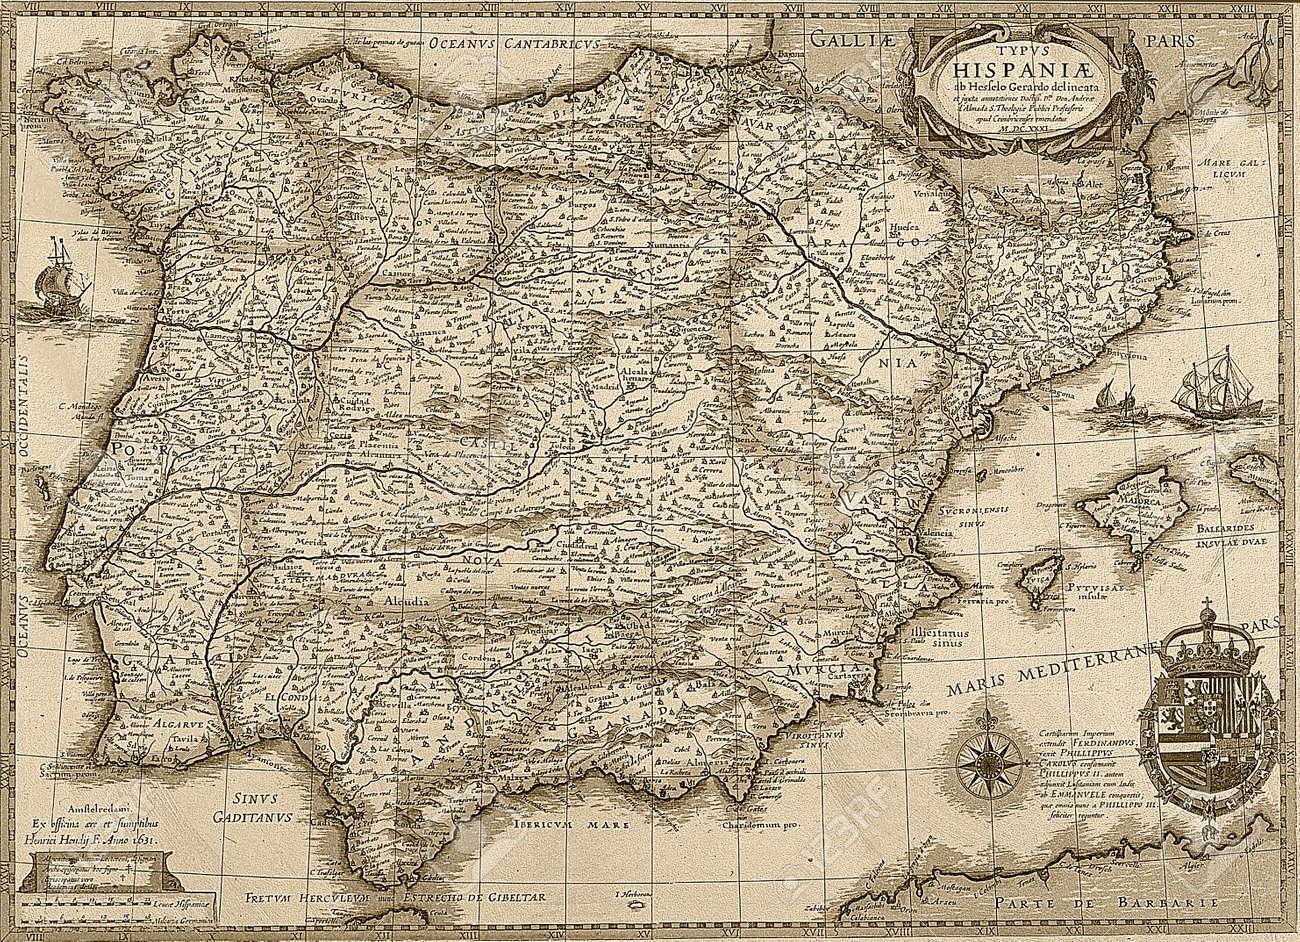 Cartina Spagna Antica.Immagini Stock Antico Spagna E Potugal Mappa In Tonalita Seppia Vista Orizzontale Image 28435281